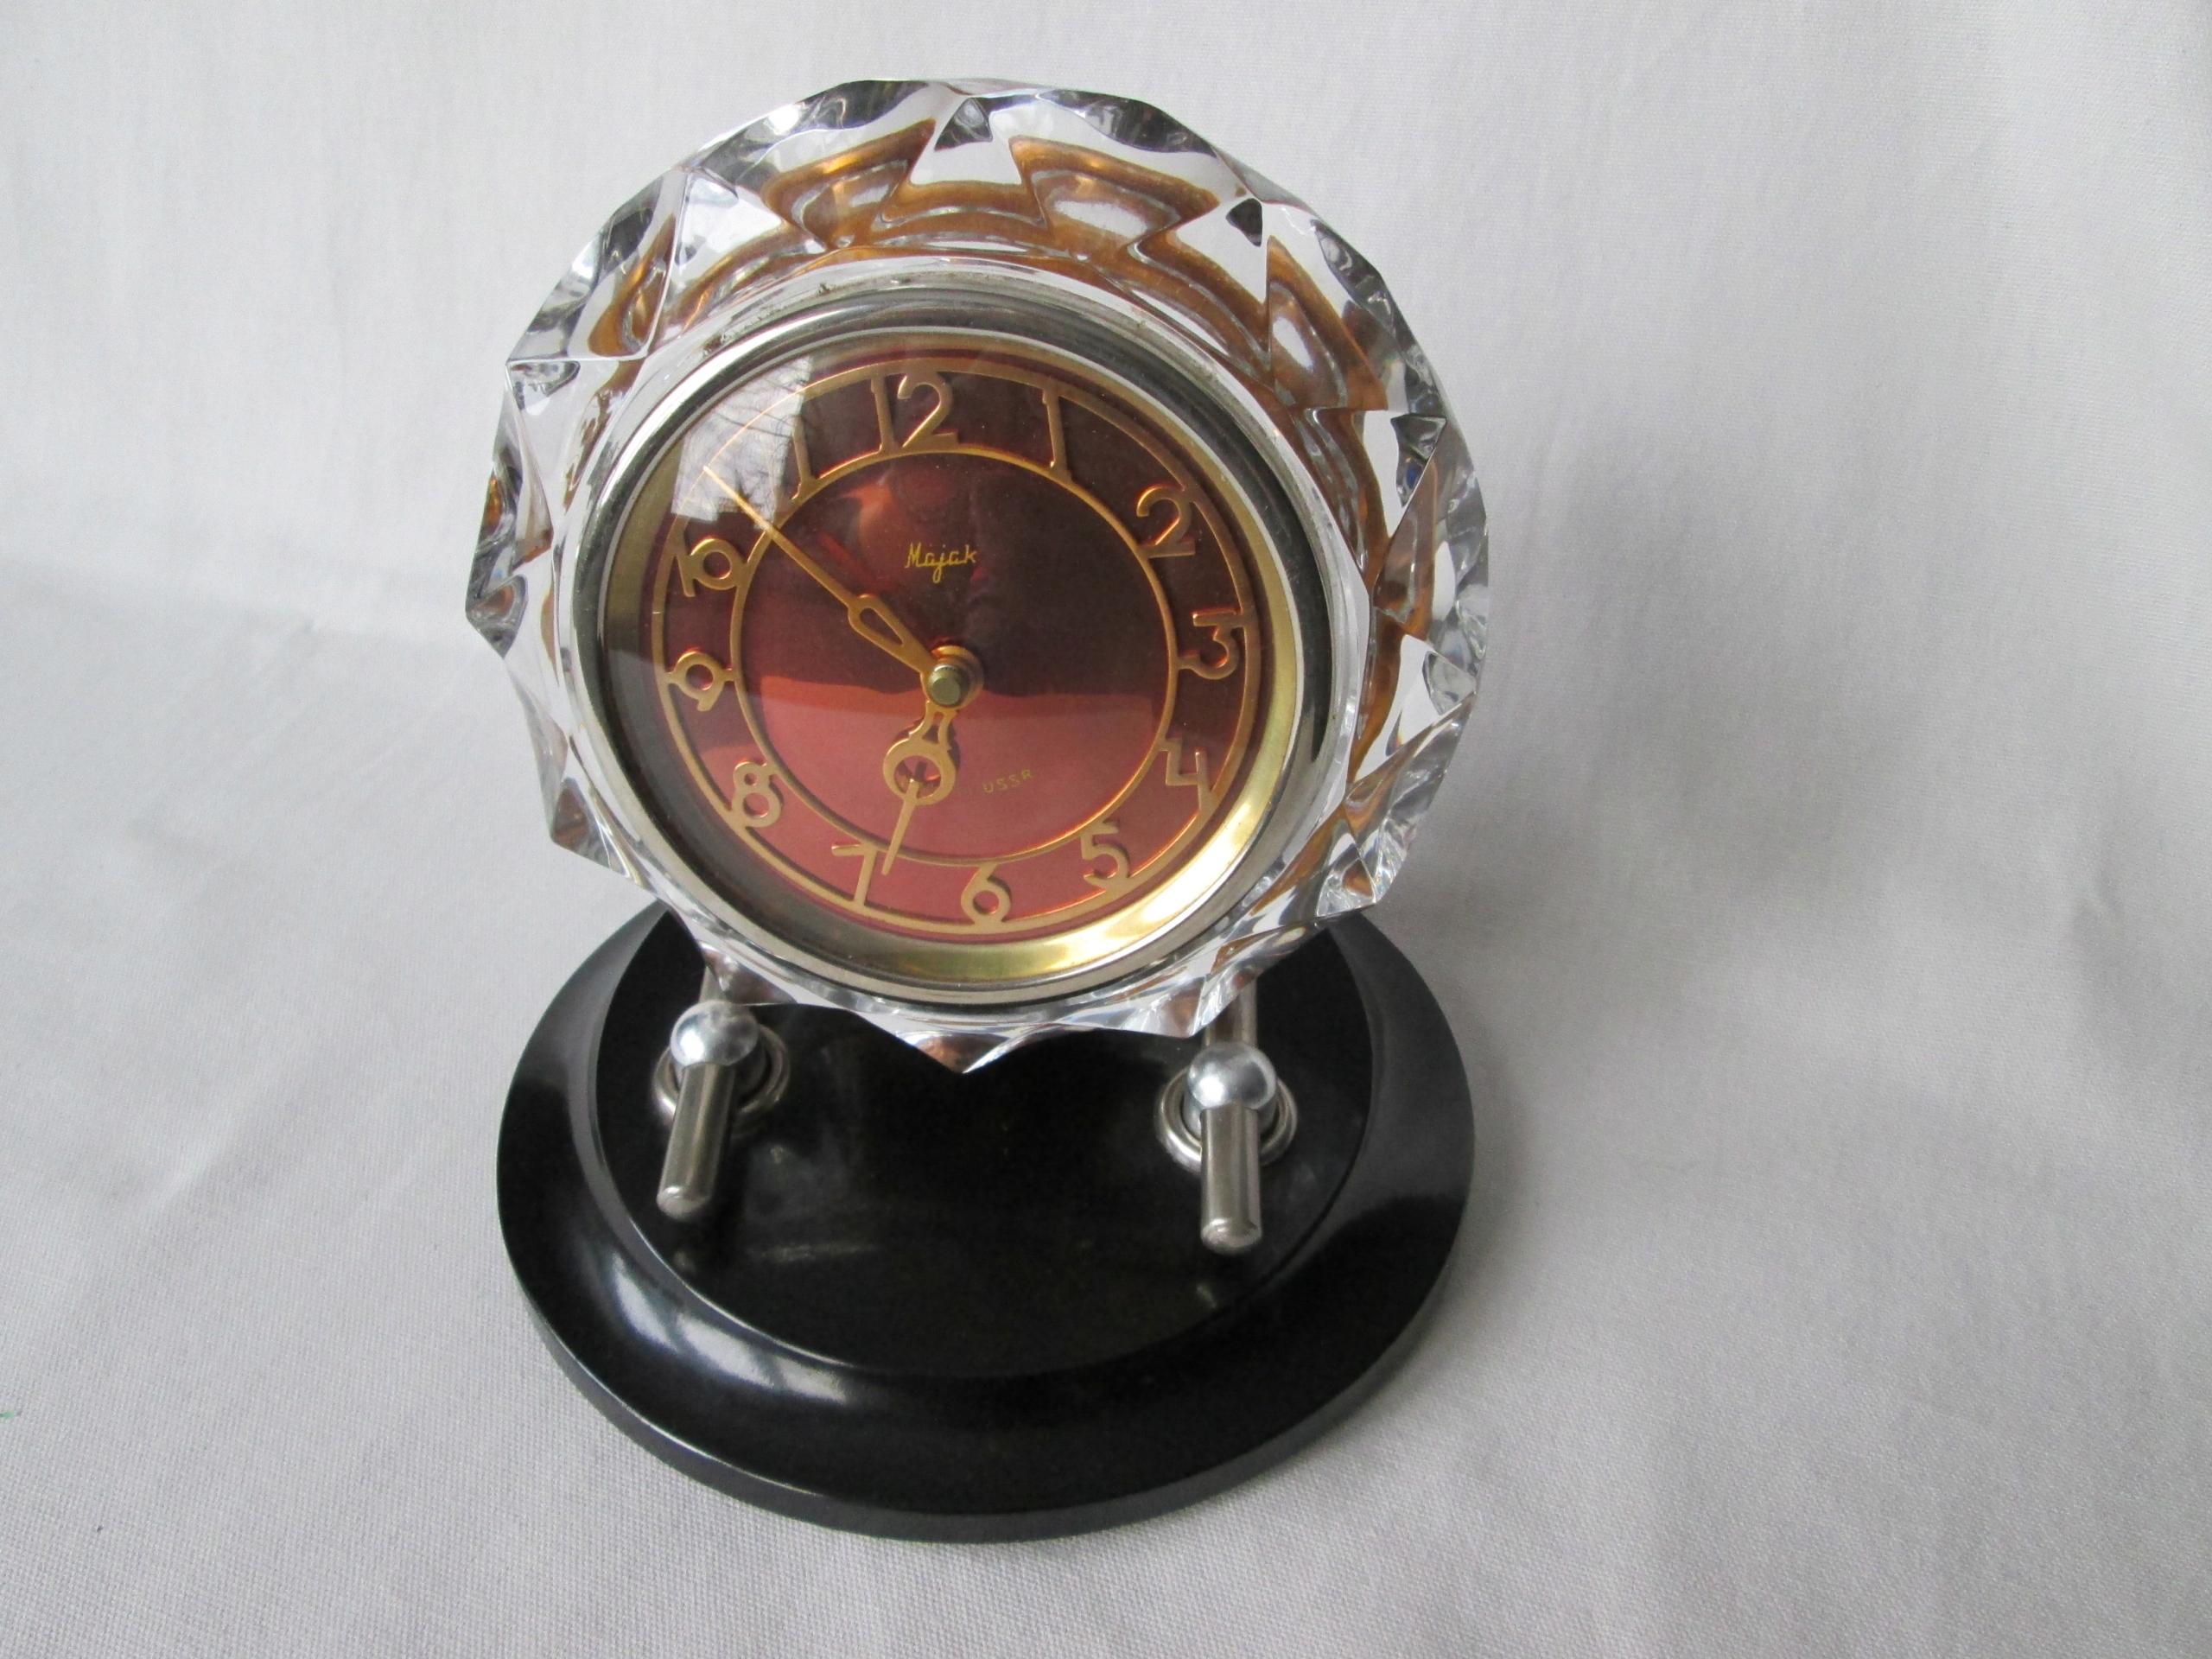 majak zegar kryształ czerwony vintage prl ussr